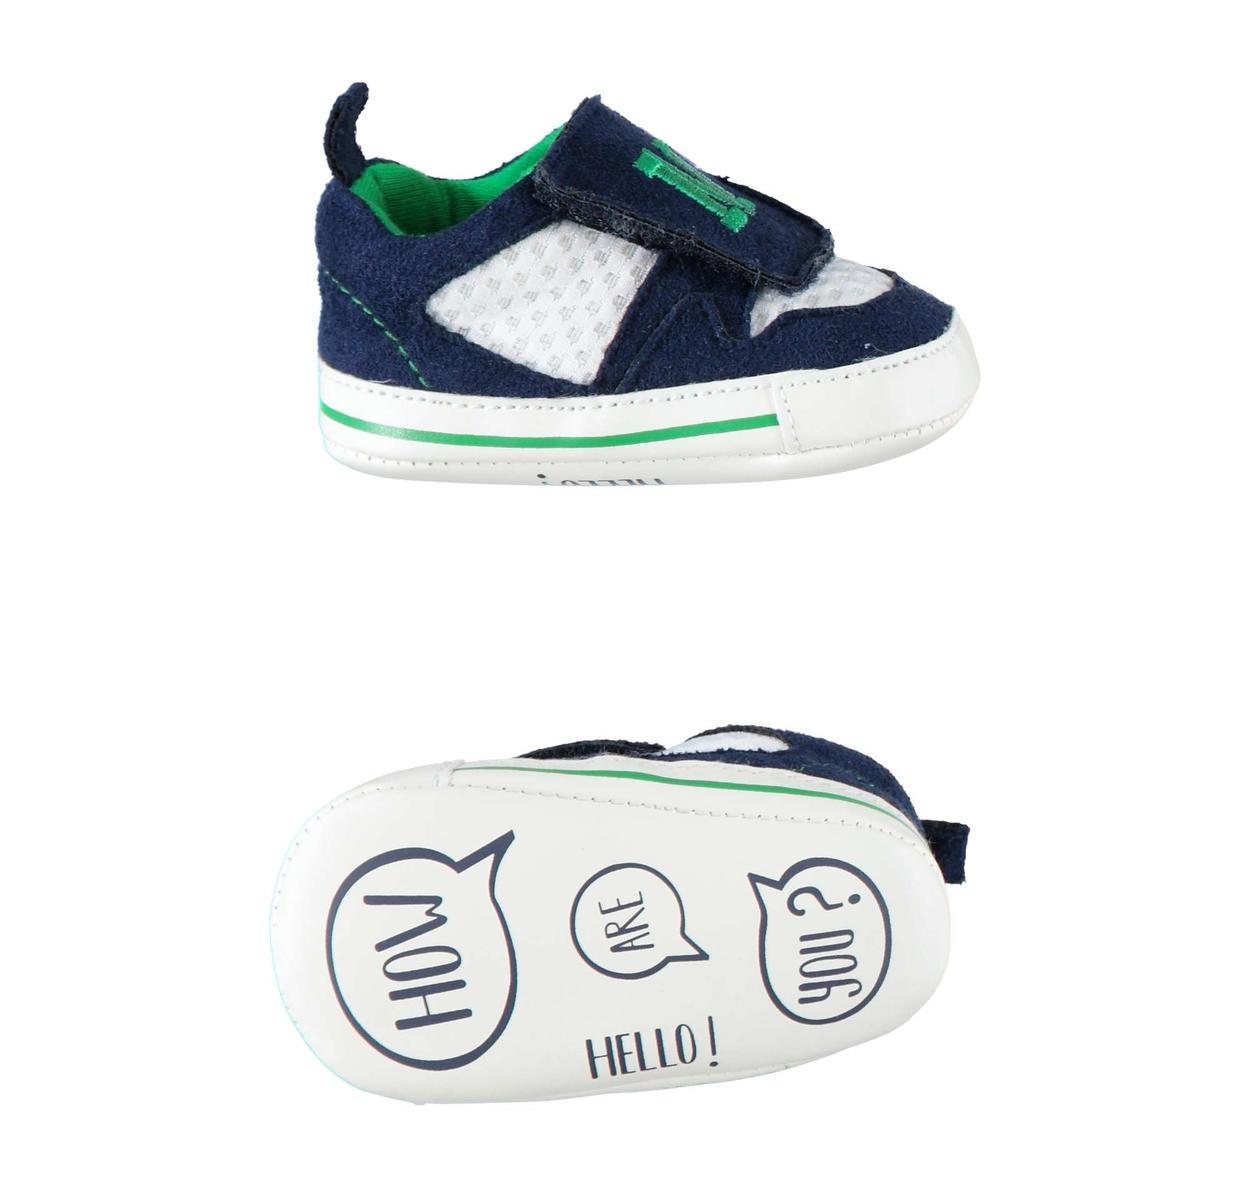 Comode e confortevoli scarpe per neonato da 0 a 24 mesi Minibanda NAVY-3854 db49bbf341f